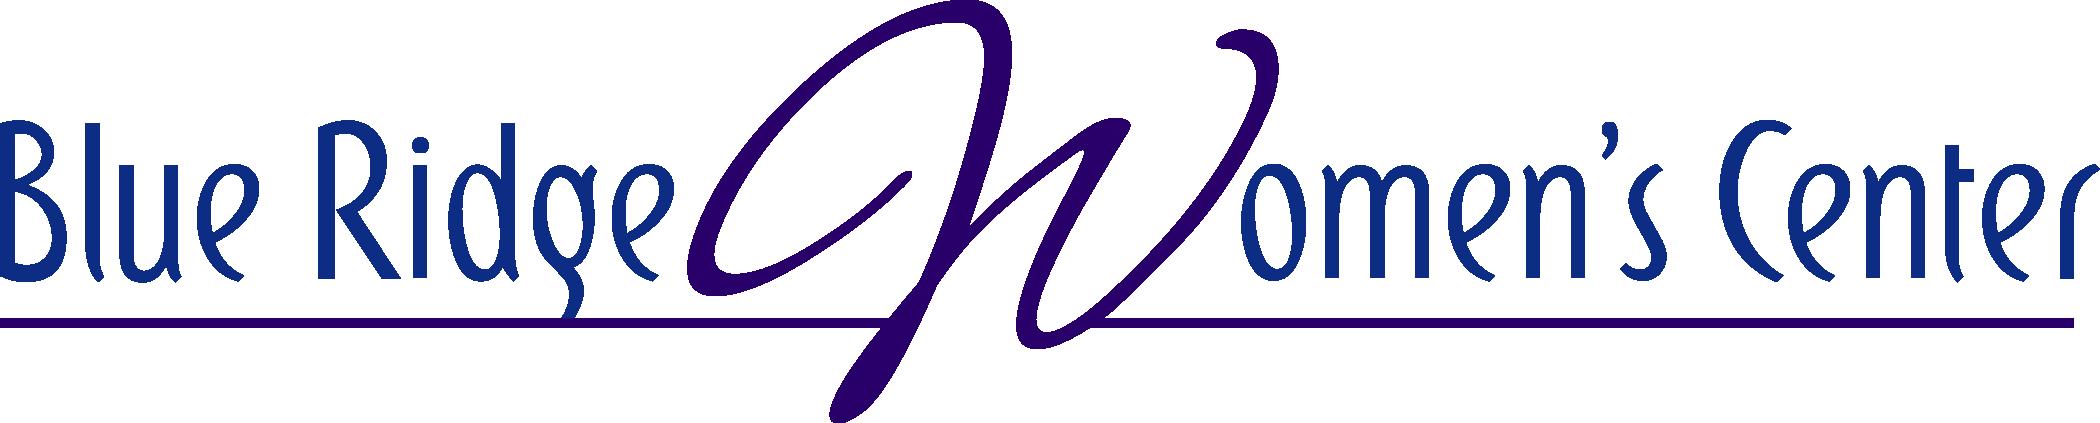 Brwc logo